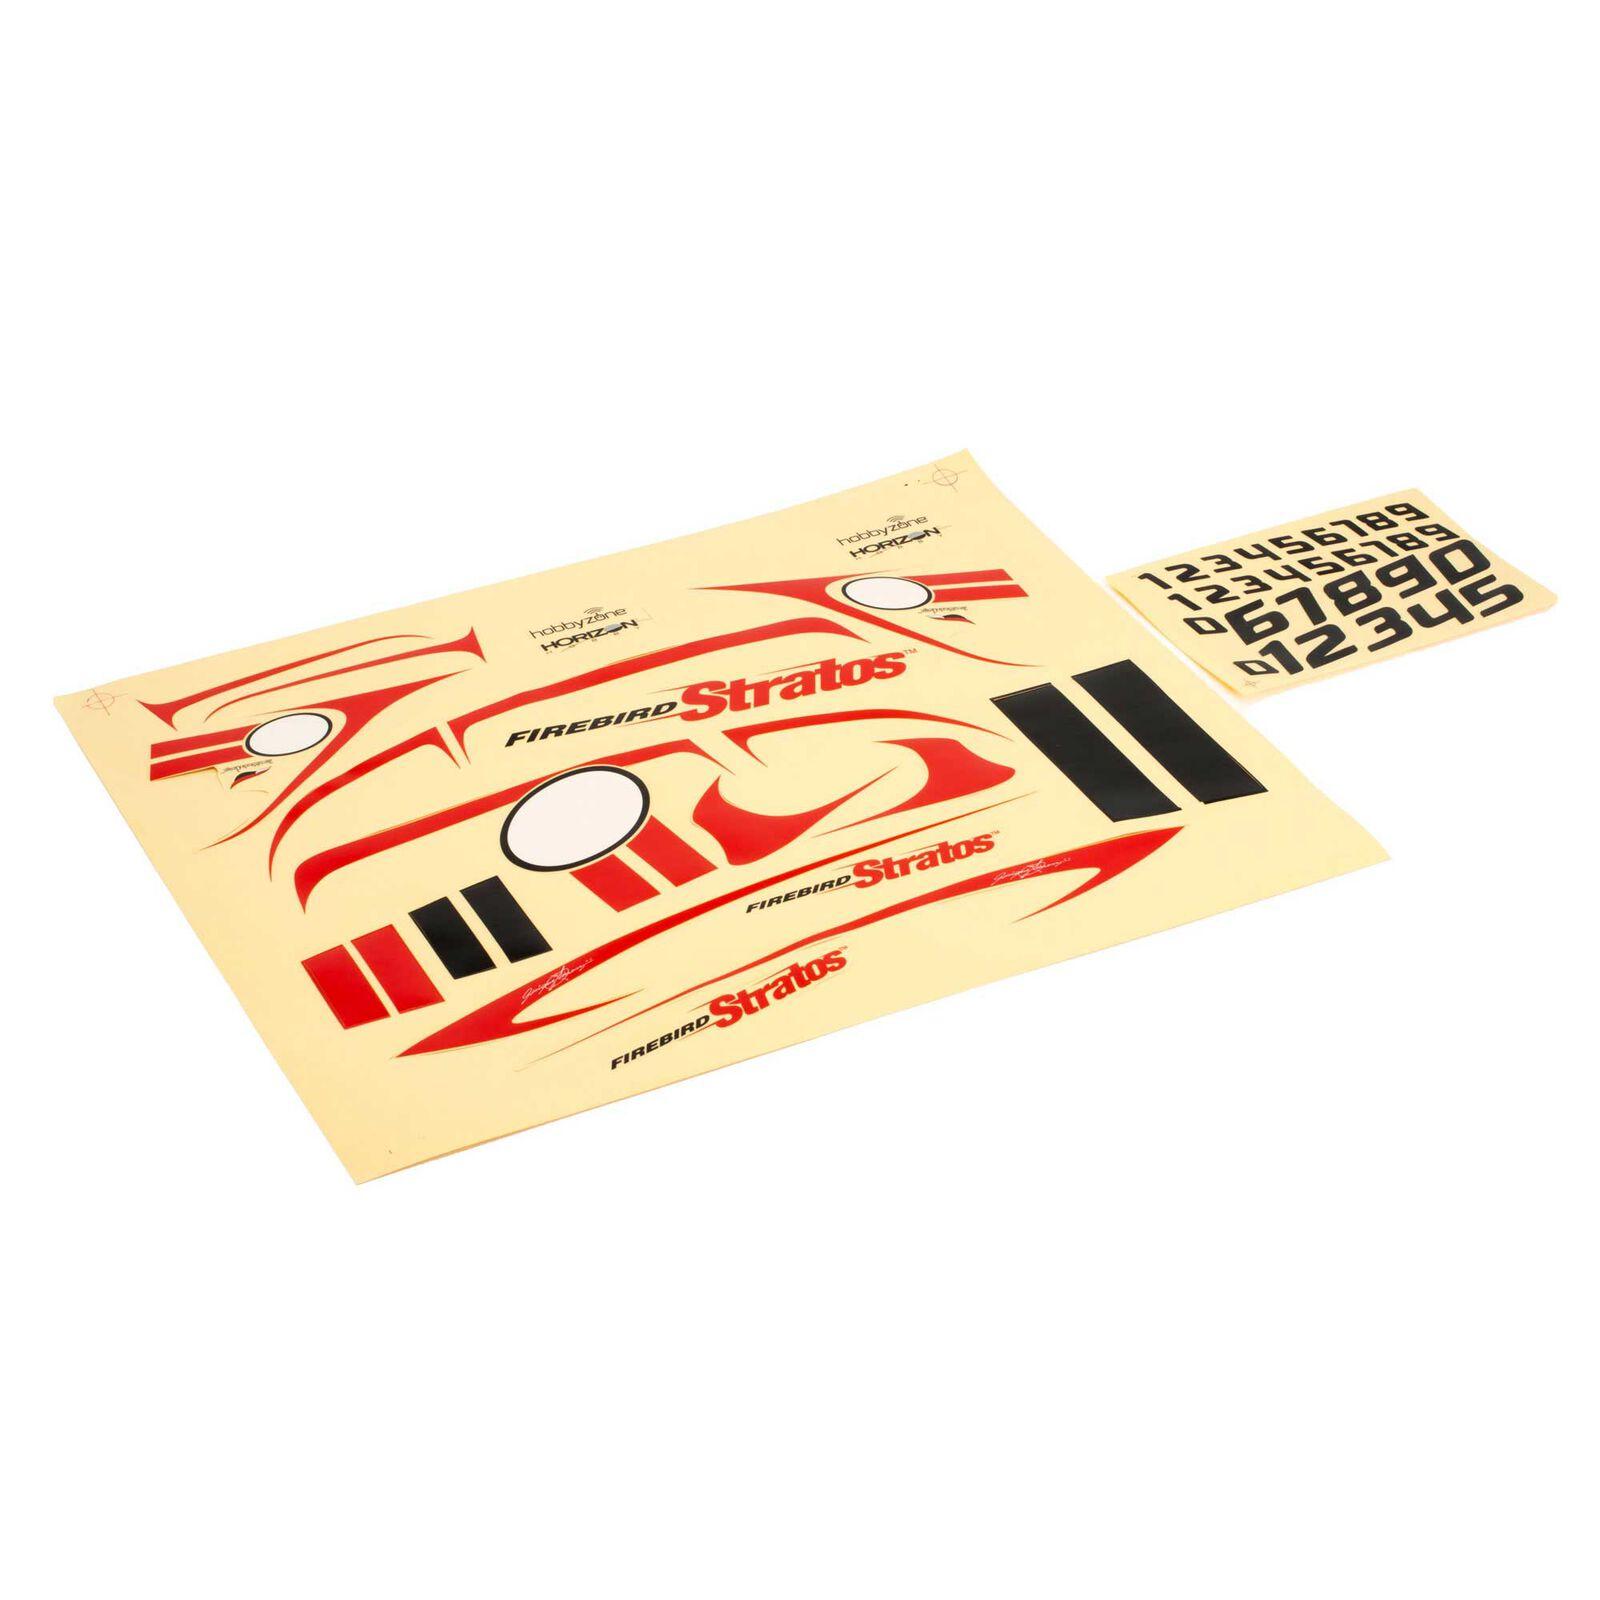 Decal Sheet: Firebird Stratos